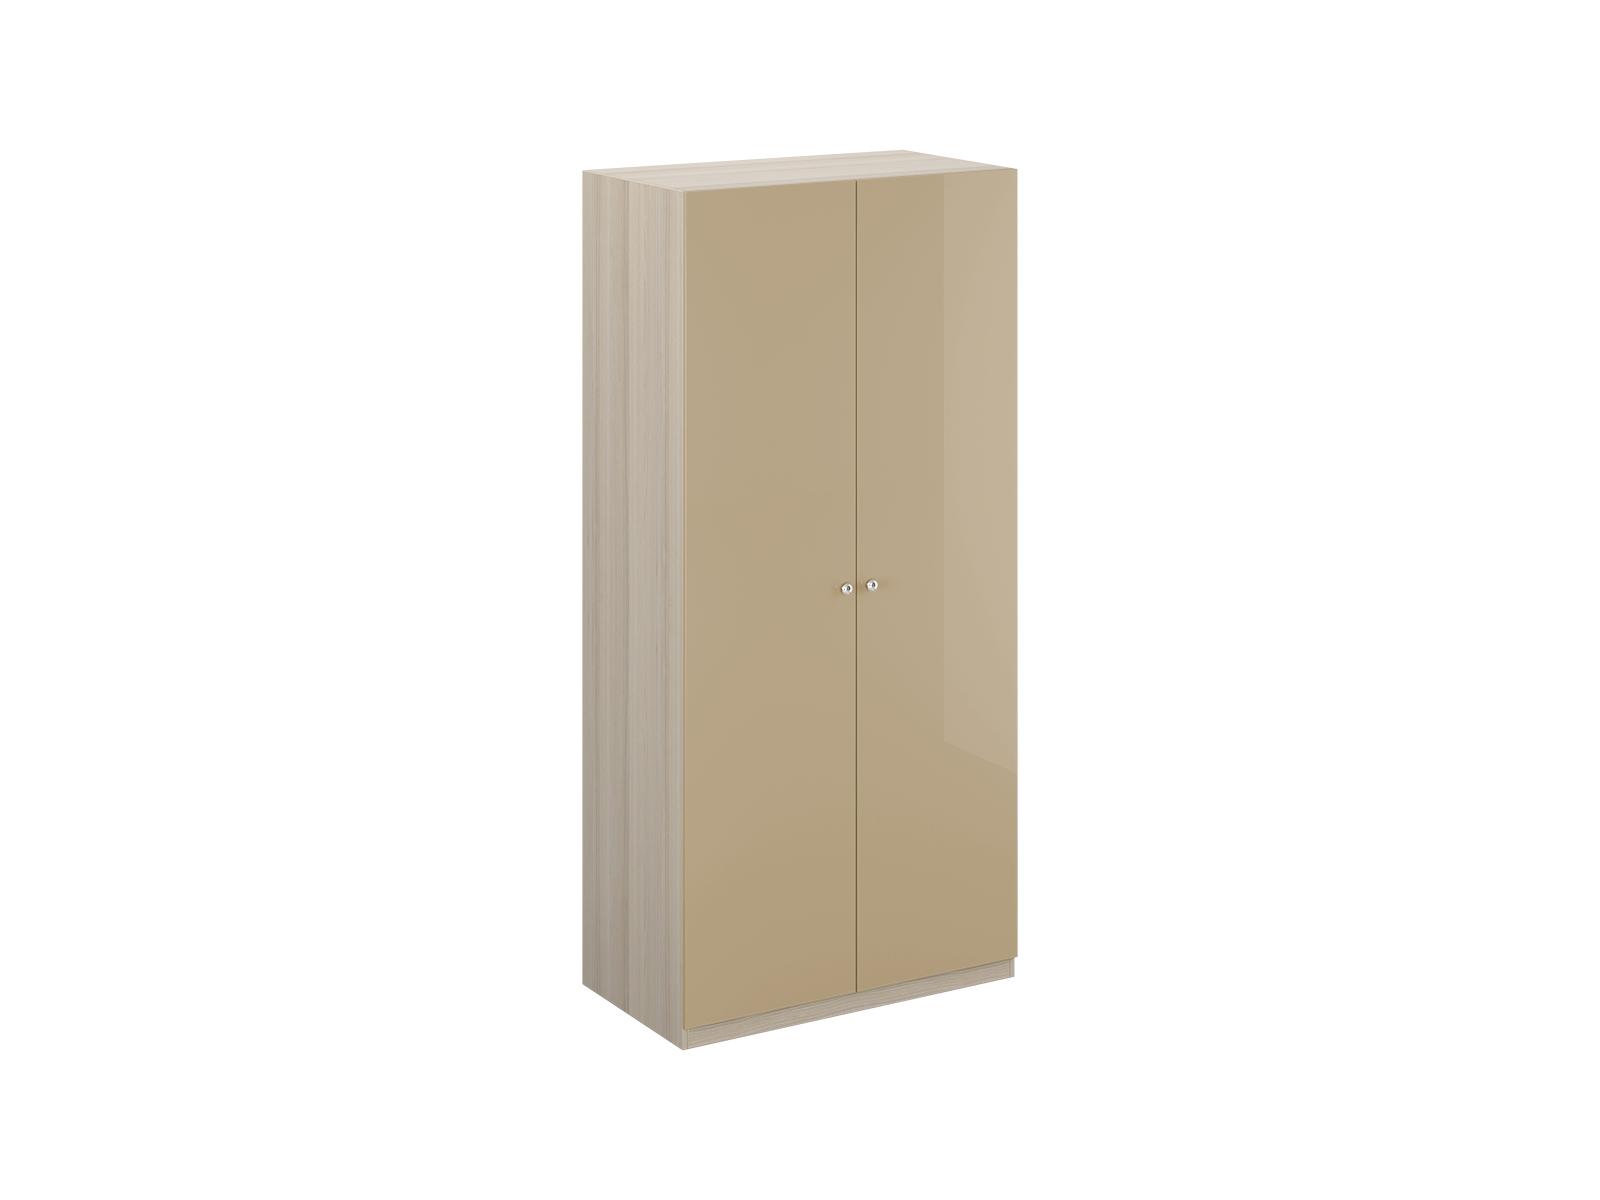 Шкаф Uno Ш2Платяные шкафы<br>Шкаф двухдверный с одной стационарной верхней и одной съемной нижней полками. Установлен на регулируемые опоры. Данную мебель рекомендуется крепить к стене. Ручки и внутренние элементы продаются отдельно.<br><br>Material: ДСП<br>Width см: 110<br>Depth см: 60<br>Height см: 233